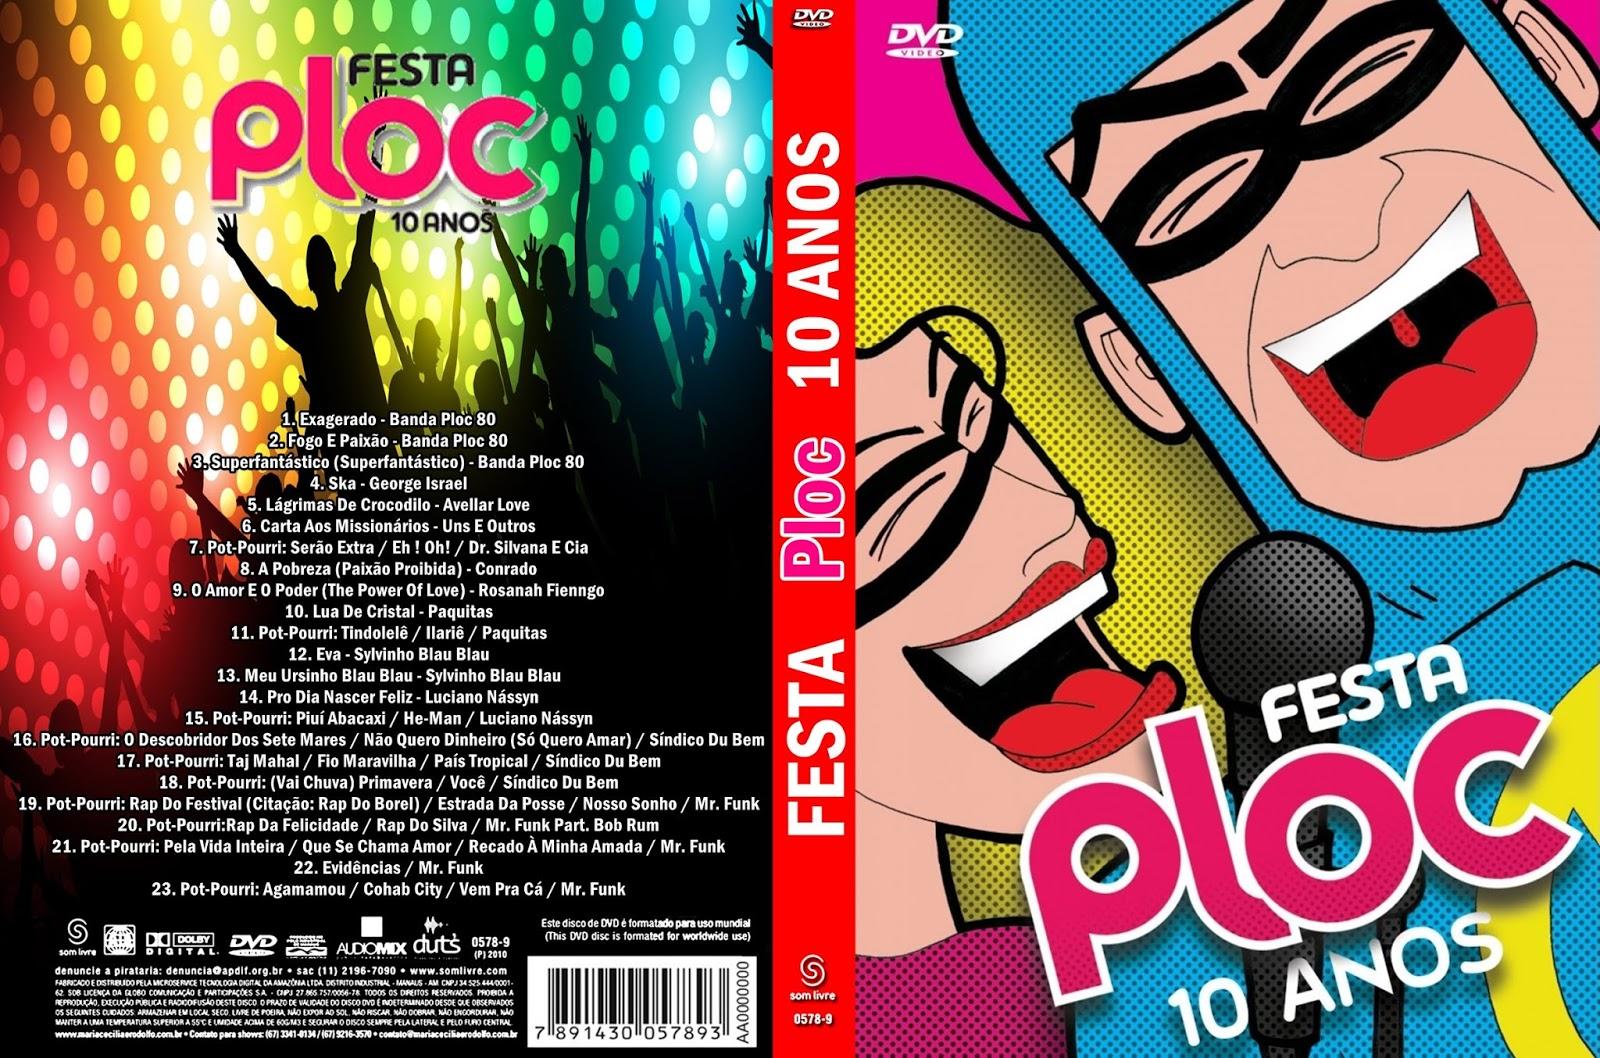 Download Festa Ploc 10 Anos DVD-R Festa 2BPloc 2B10 2BAnos